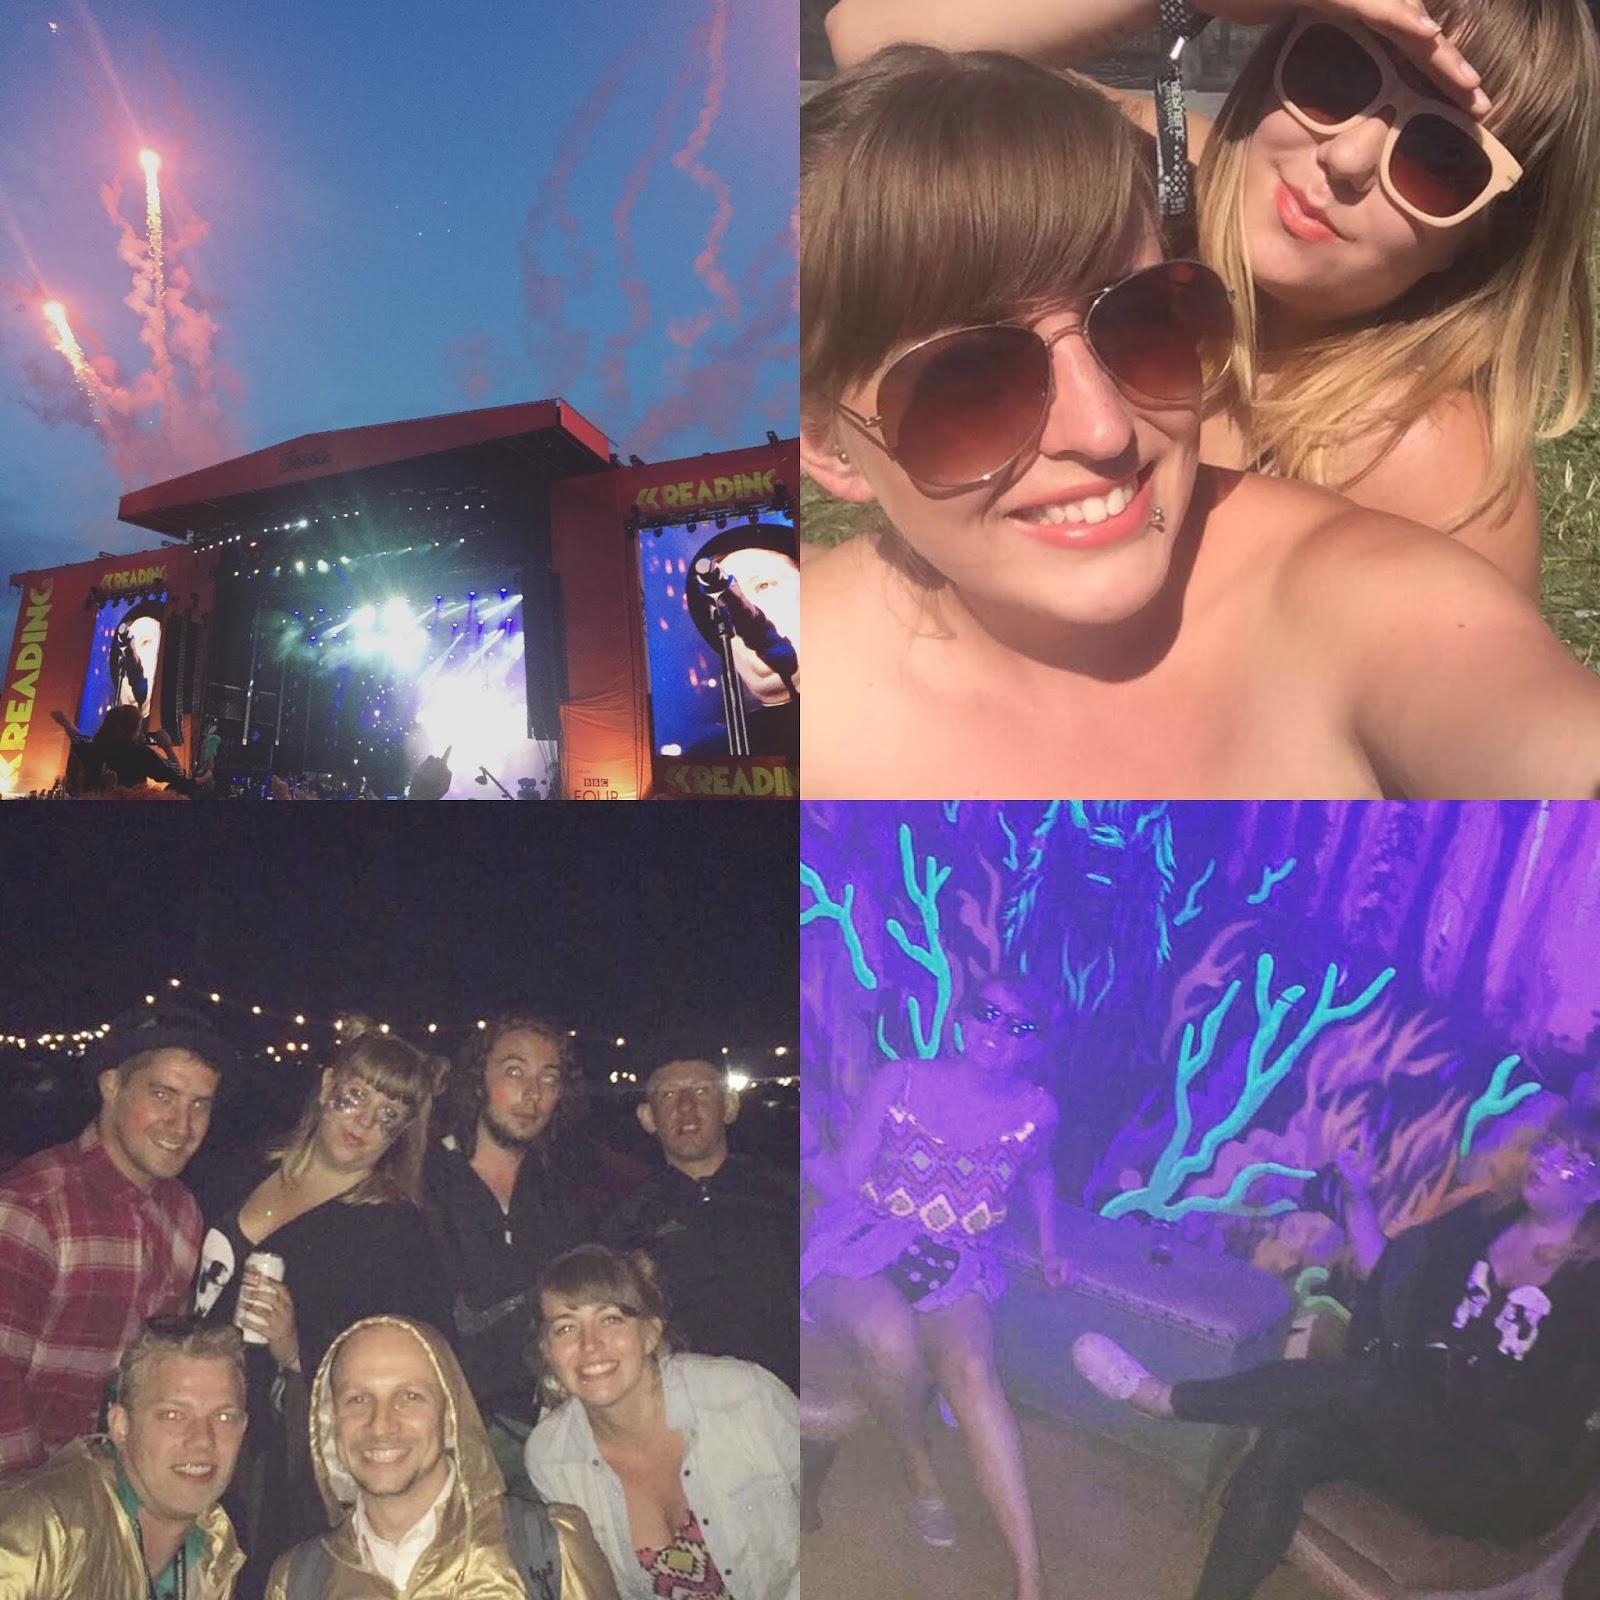 Formidable Joy | UK Fashion, Beauty & Lifestyle Blog | Music | Reading Festival | Formidable Joy | Formidable Joy Blog | Reading | | Music Festival